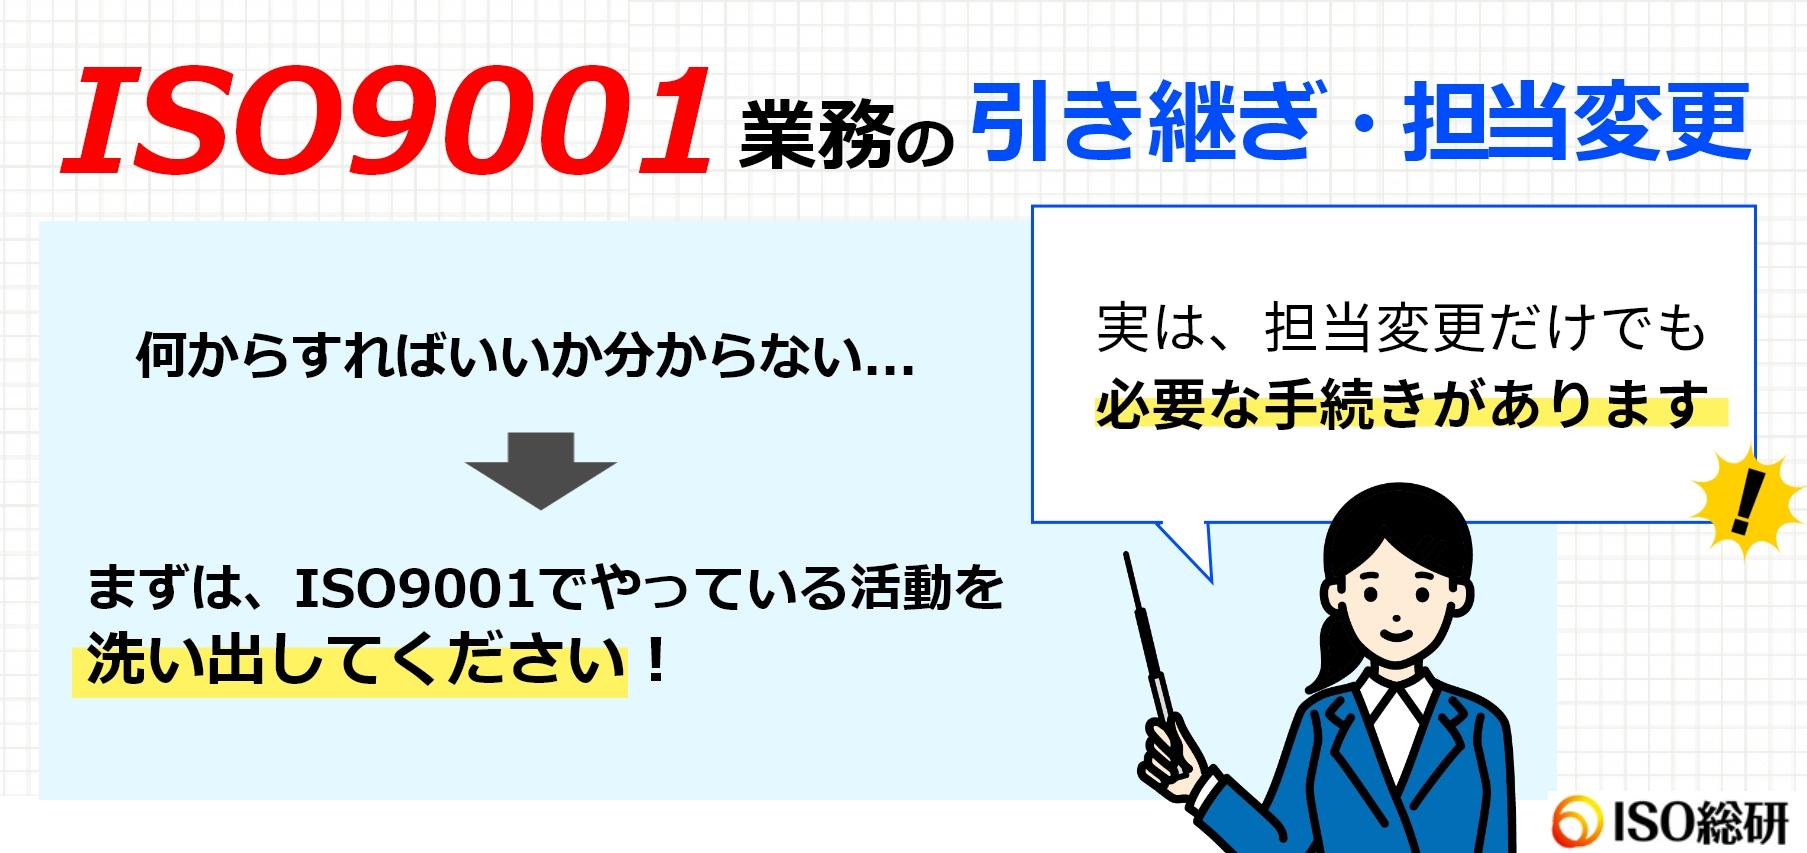 ISO9001の引継ぎ・担当変更の重要ポイント